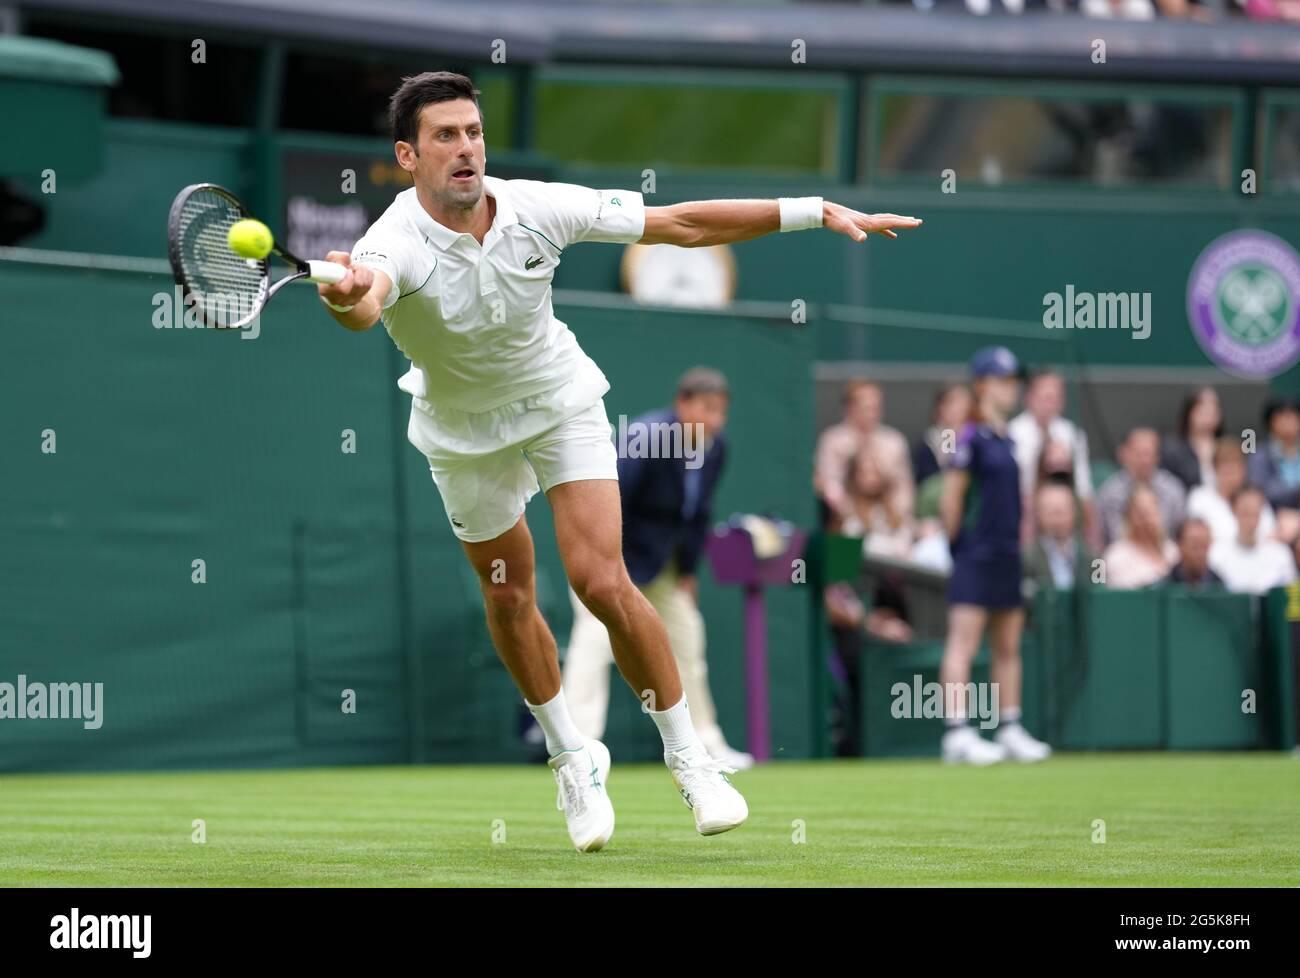 Novak Djokovic hat am ersten Tag von Wimbledon im All England Lawn Tennis and Croquet Club, Wimbledon, auf dem Mittelfeld gegen Jack Draper gehandelt. Bilddatum: Montag, 28. Juni 2021. Stockfoto